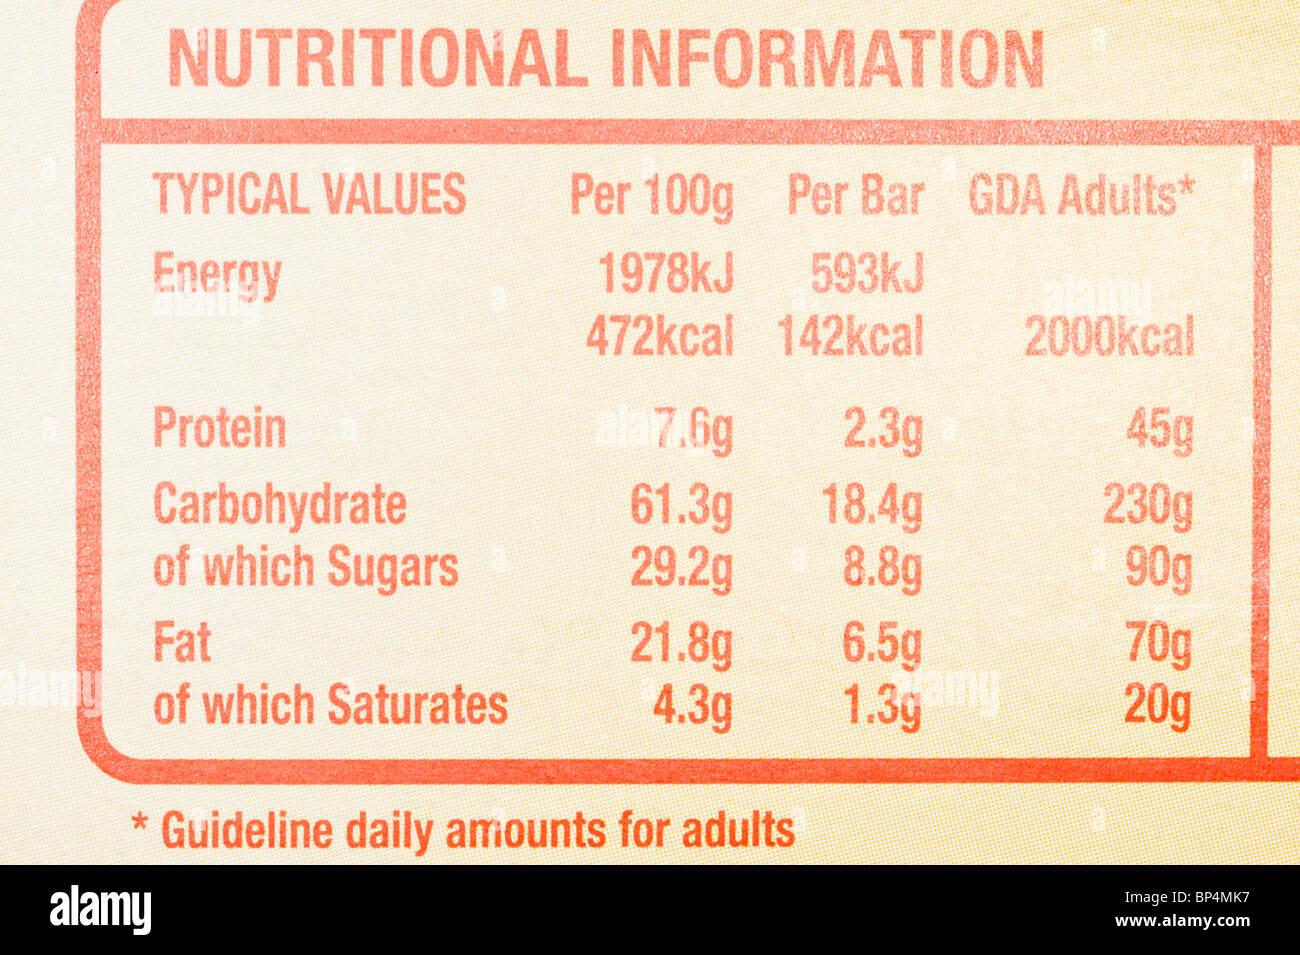 De cerca una etiqueta de embalaje de alimentos dando la información nutricional en el Reino Unido Imagen De Stock